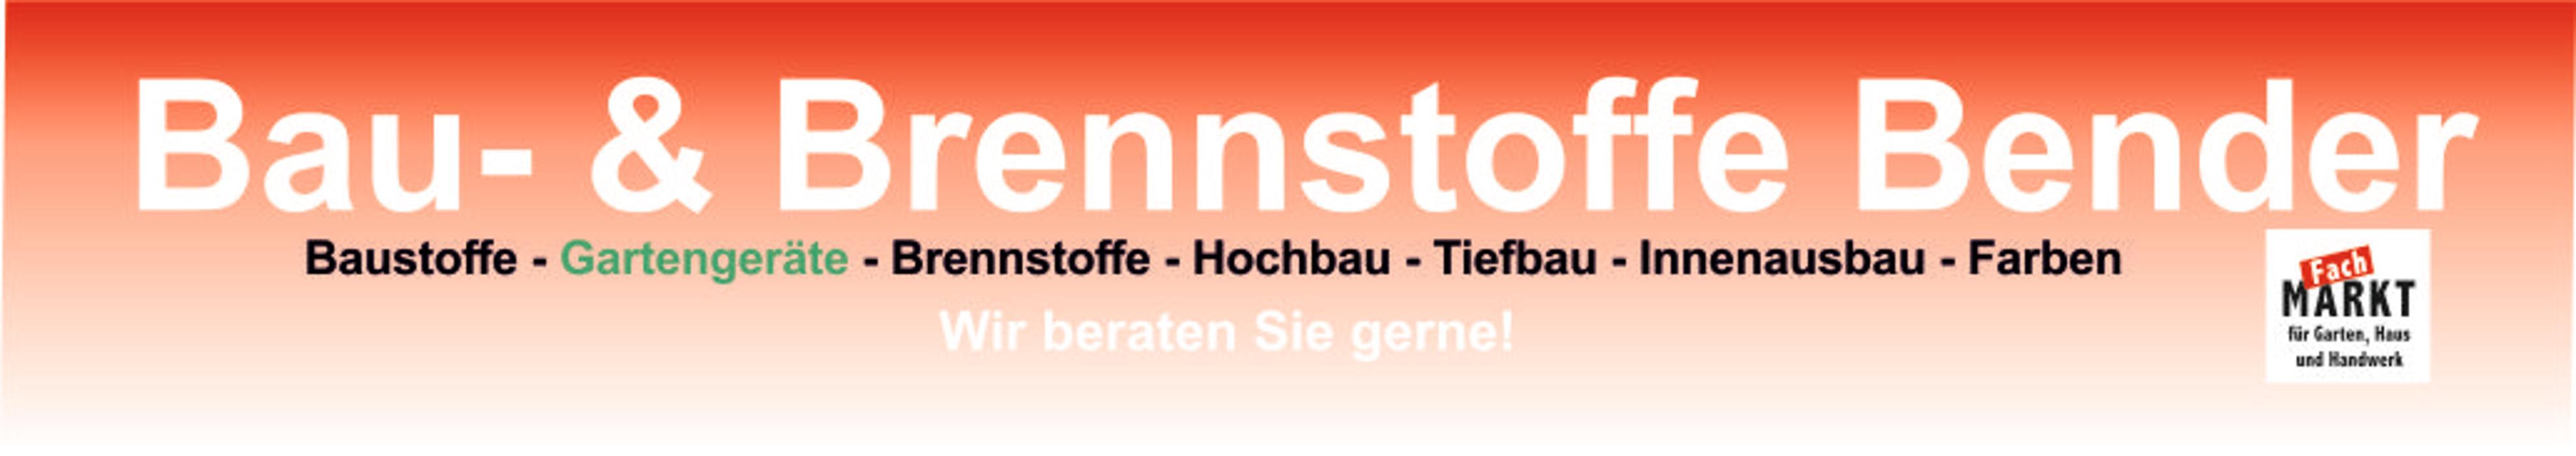 Bild zu Bau- & Brennstoffe Bender in Morsbach an der Sieg